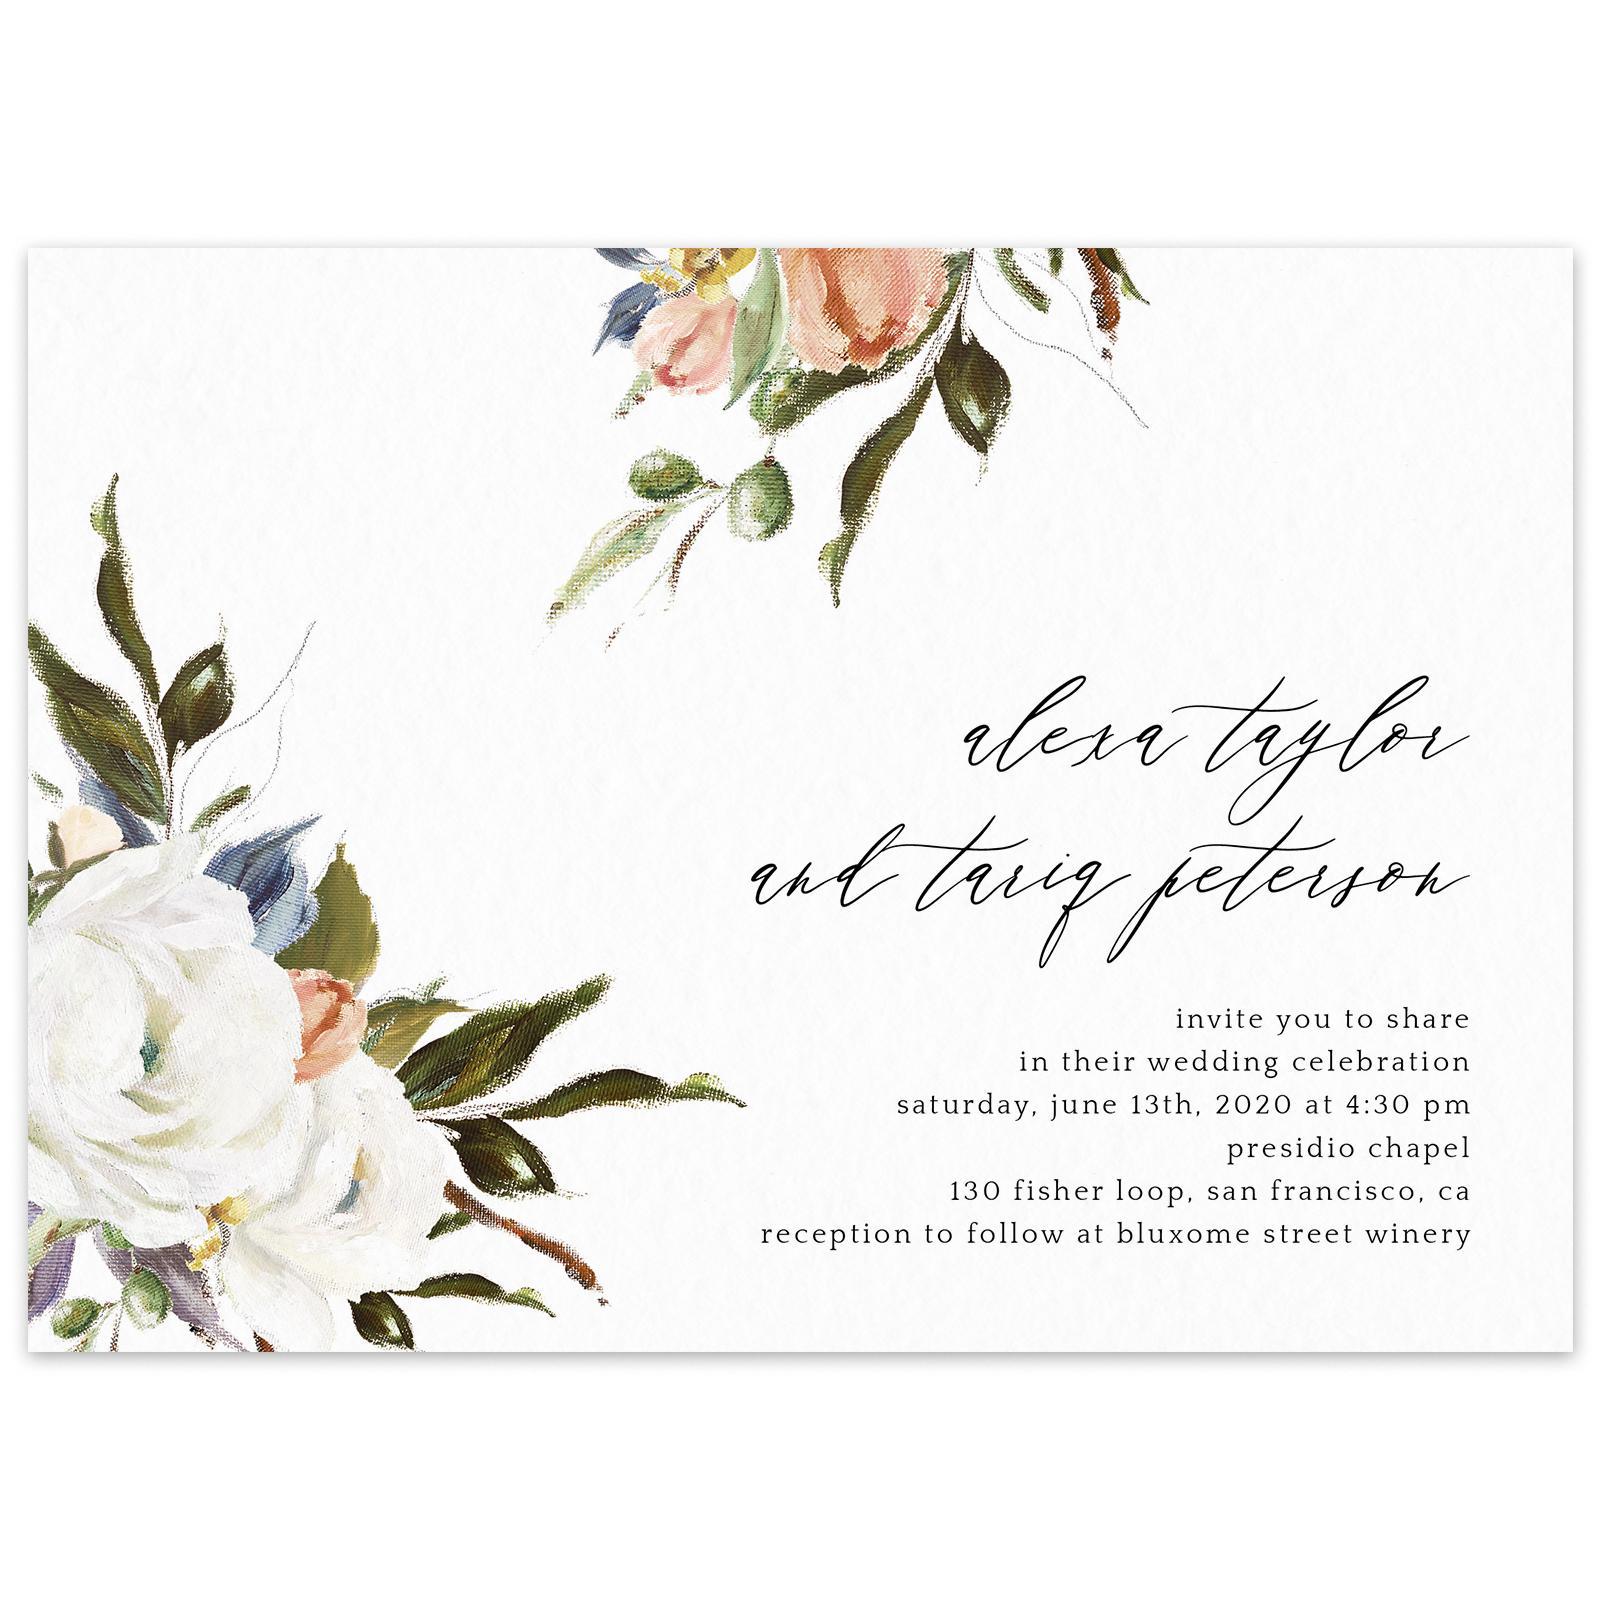 Octavia Script wedding invitation in White by Zola